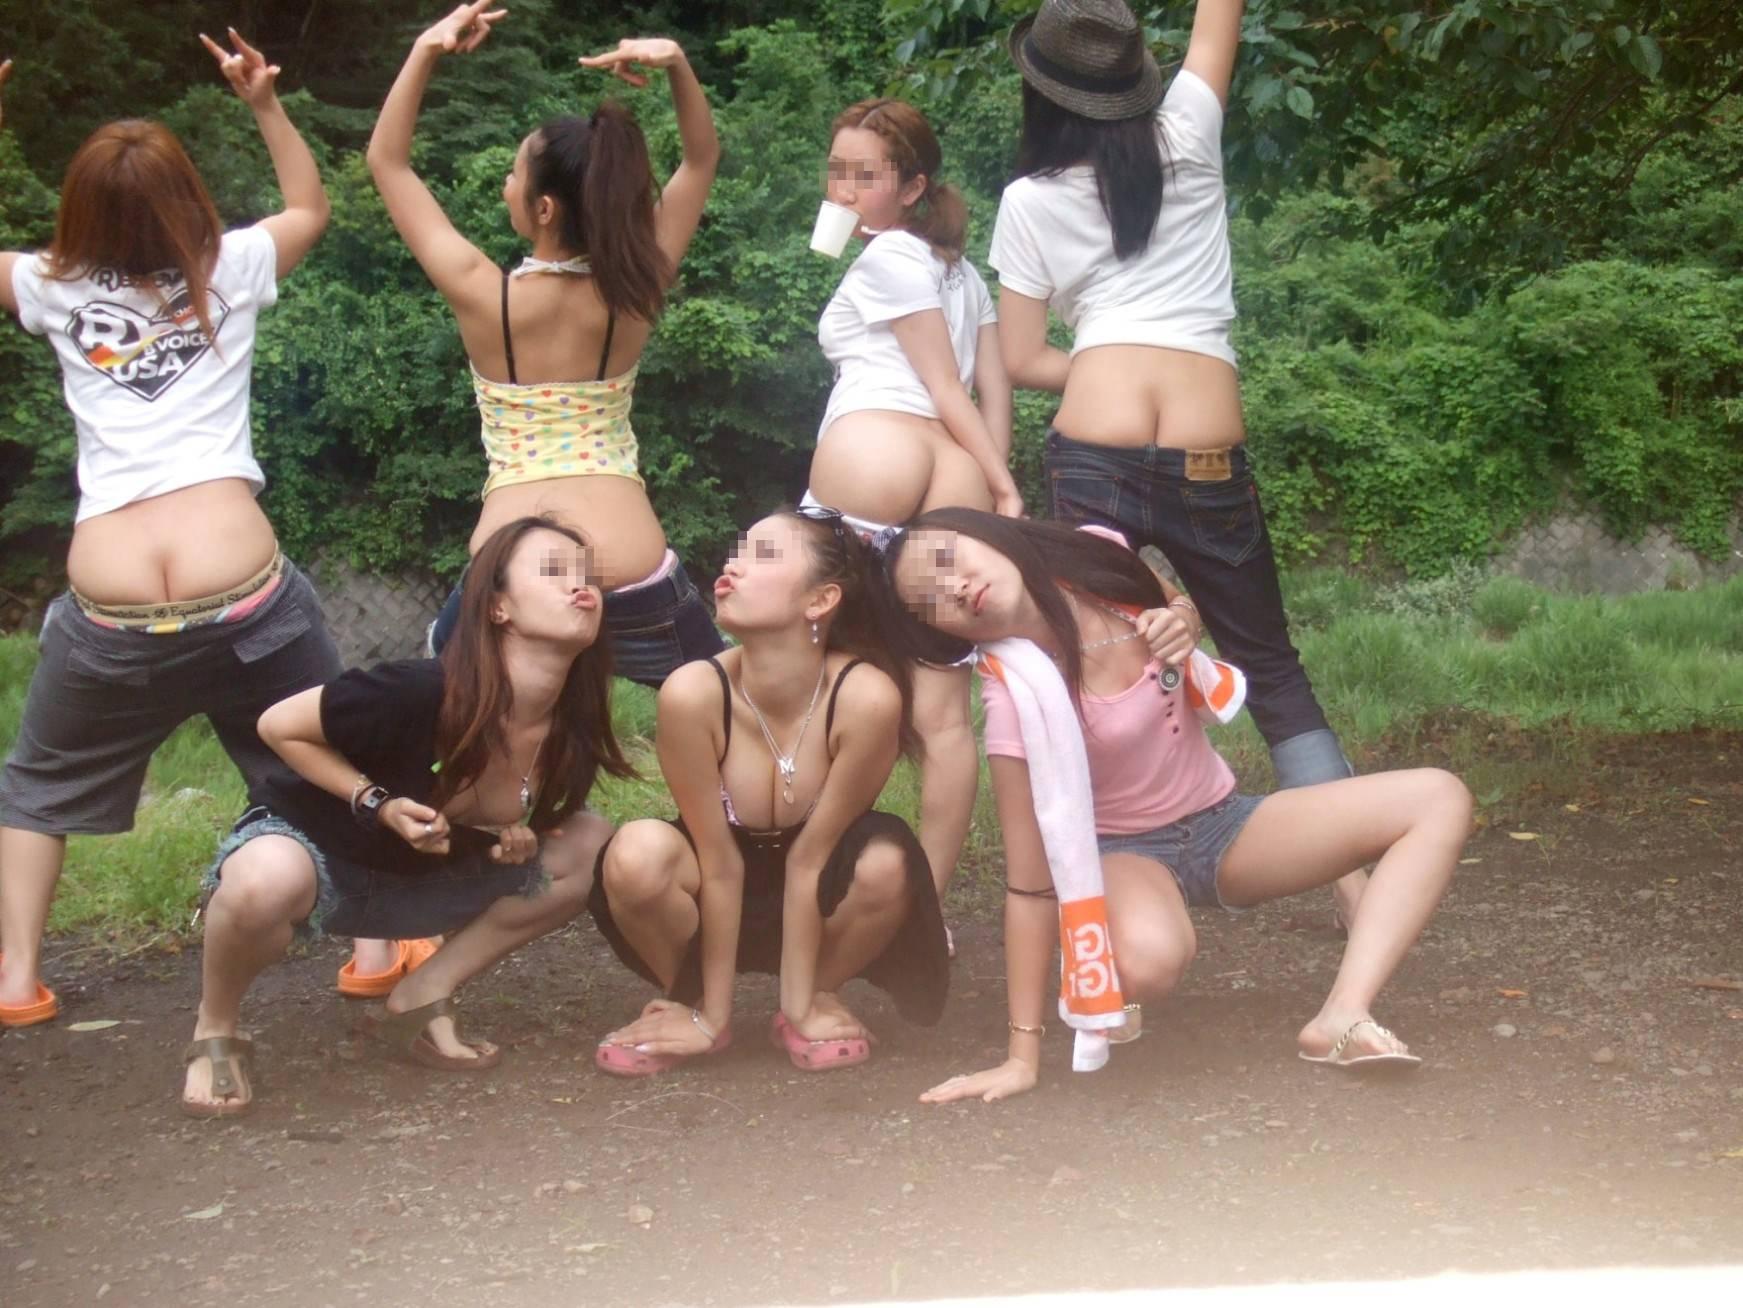 素人達の大胆なおふざけ画像www女の子同士ではしゃぐとすぐお尻を出す件www 1408